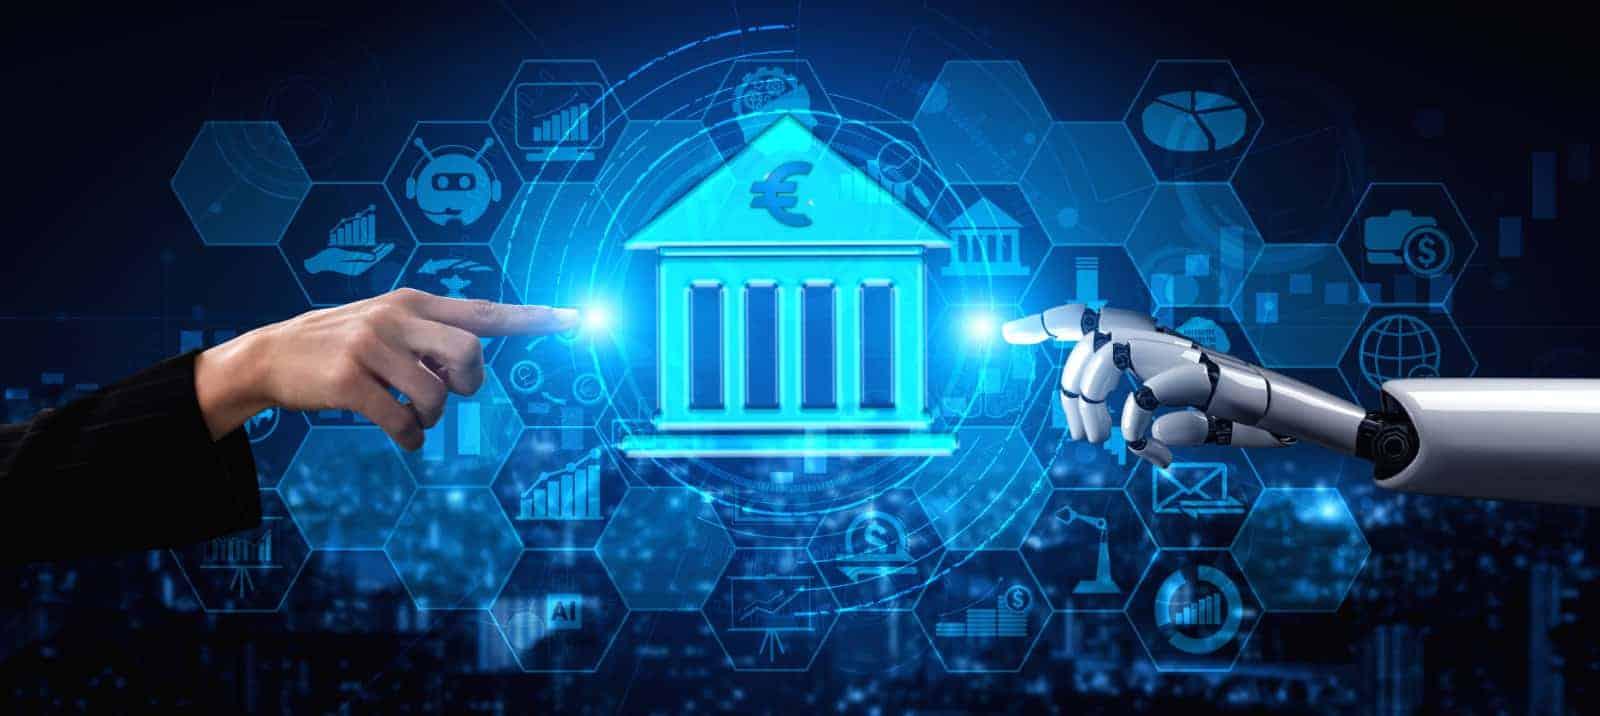 Fino lässt von der Uni Kassel neue Analyse-Methoden für seinen intelligenten Finanzassistenten entwickeln. <Q>World Image / Bigstockphoto